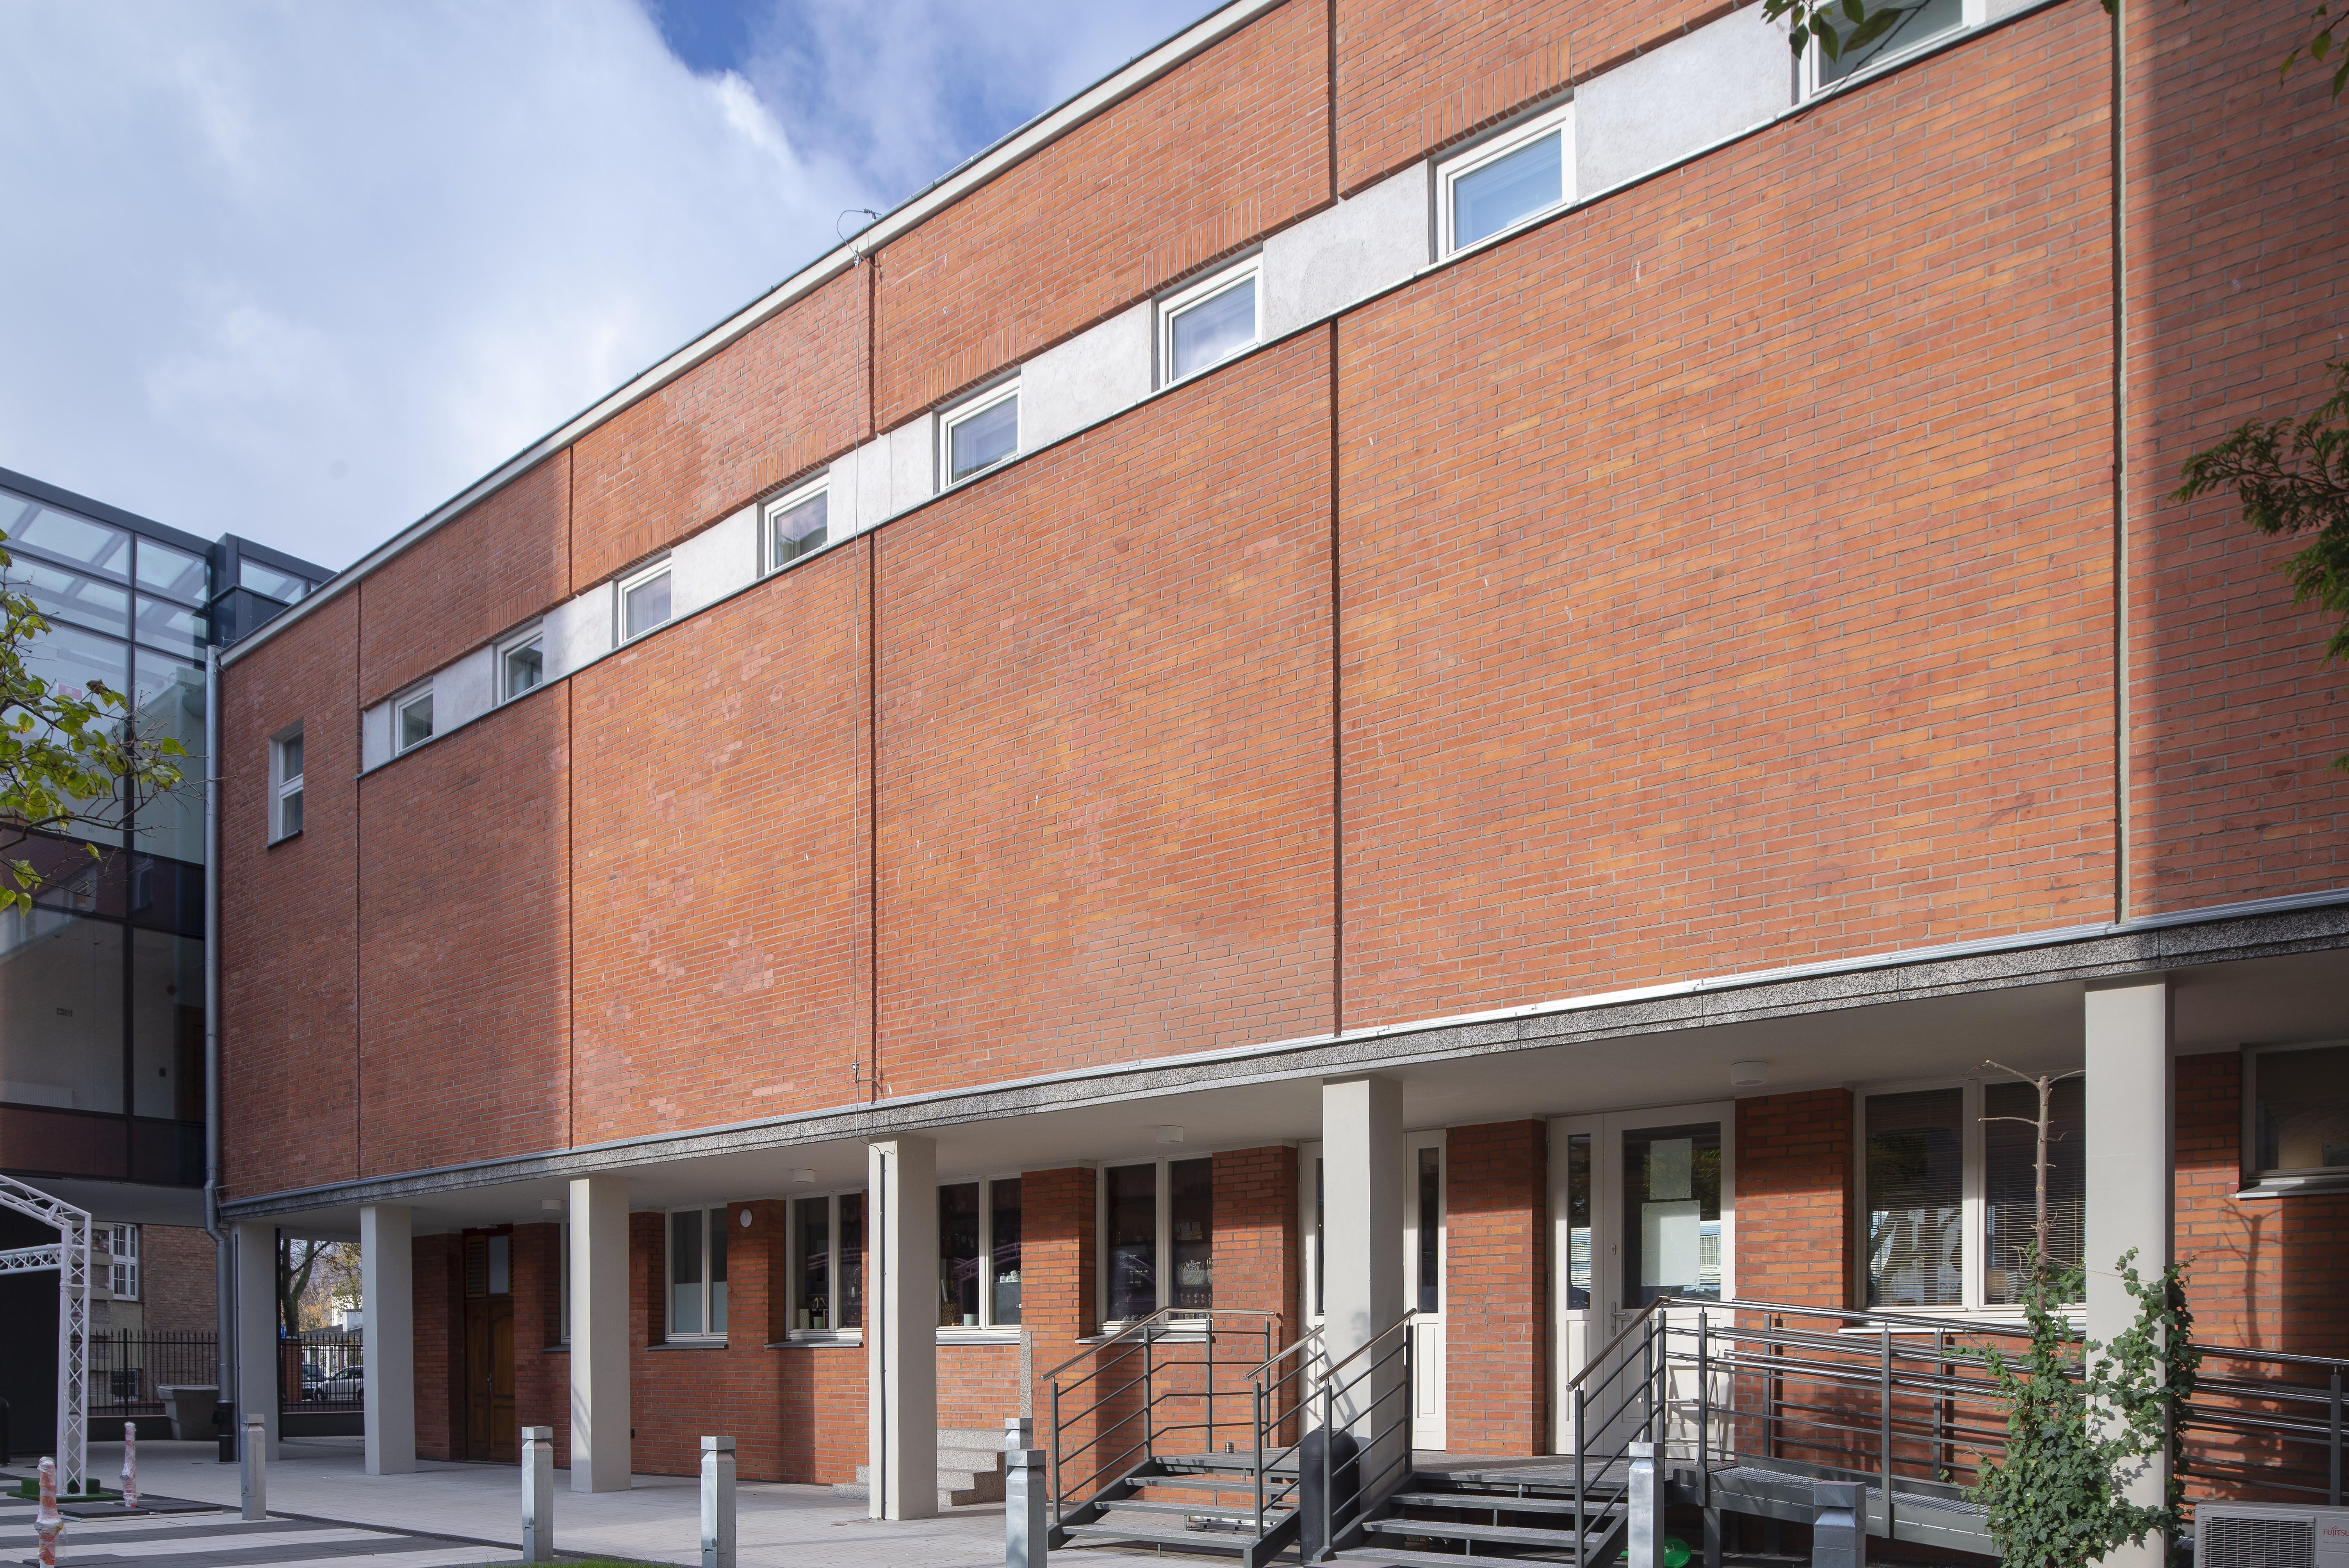 D. Dom Marynarza Szwedzkiego, ob. Konsulat Kultury przy ul. Jana z Kolna 25, fragment ceglanej elewacji od podwórza.